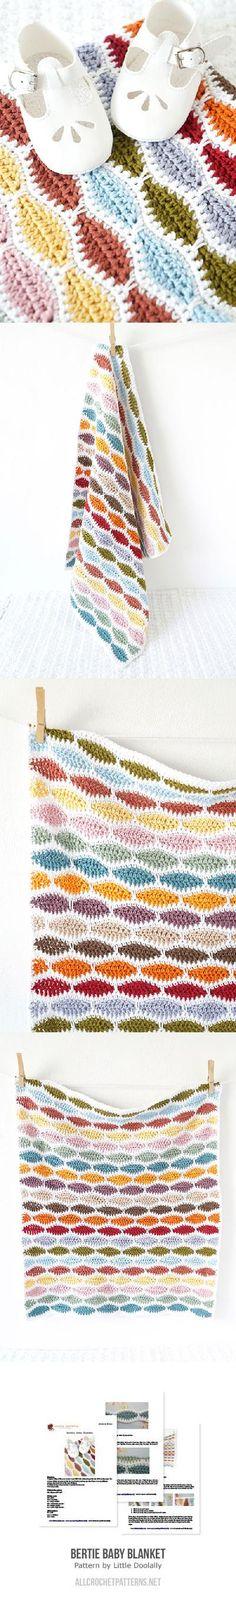 Bertie Baby Blanket crochet pattern by Little Doolally